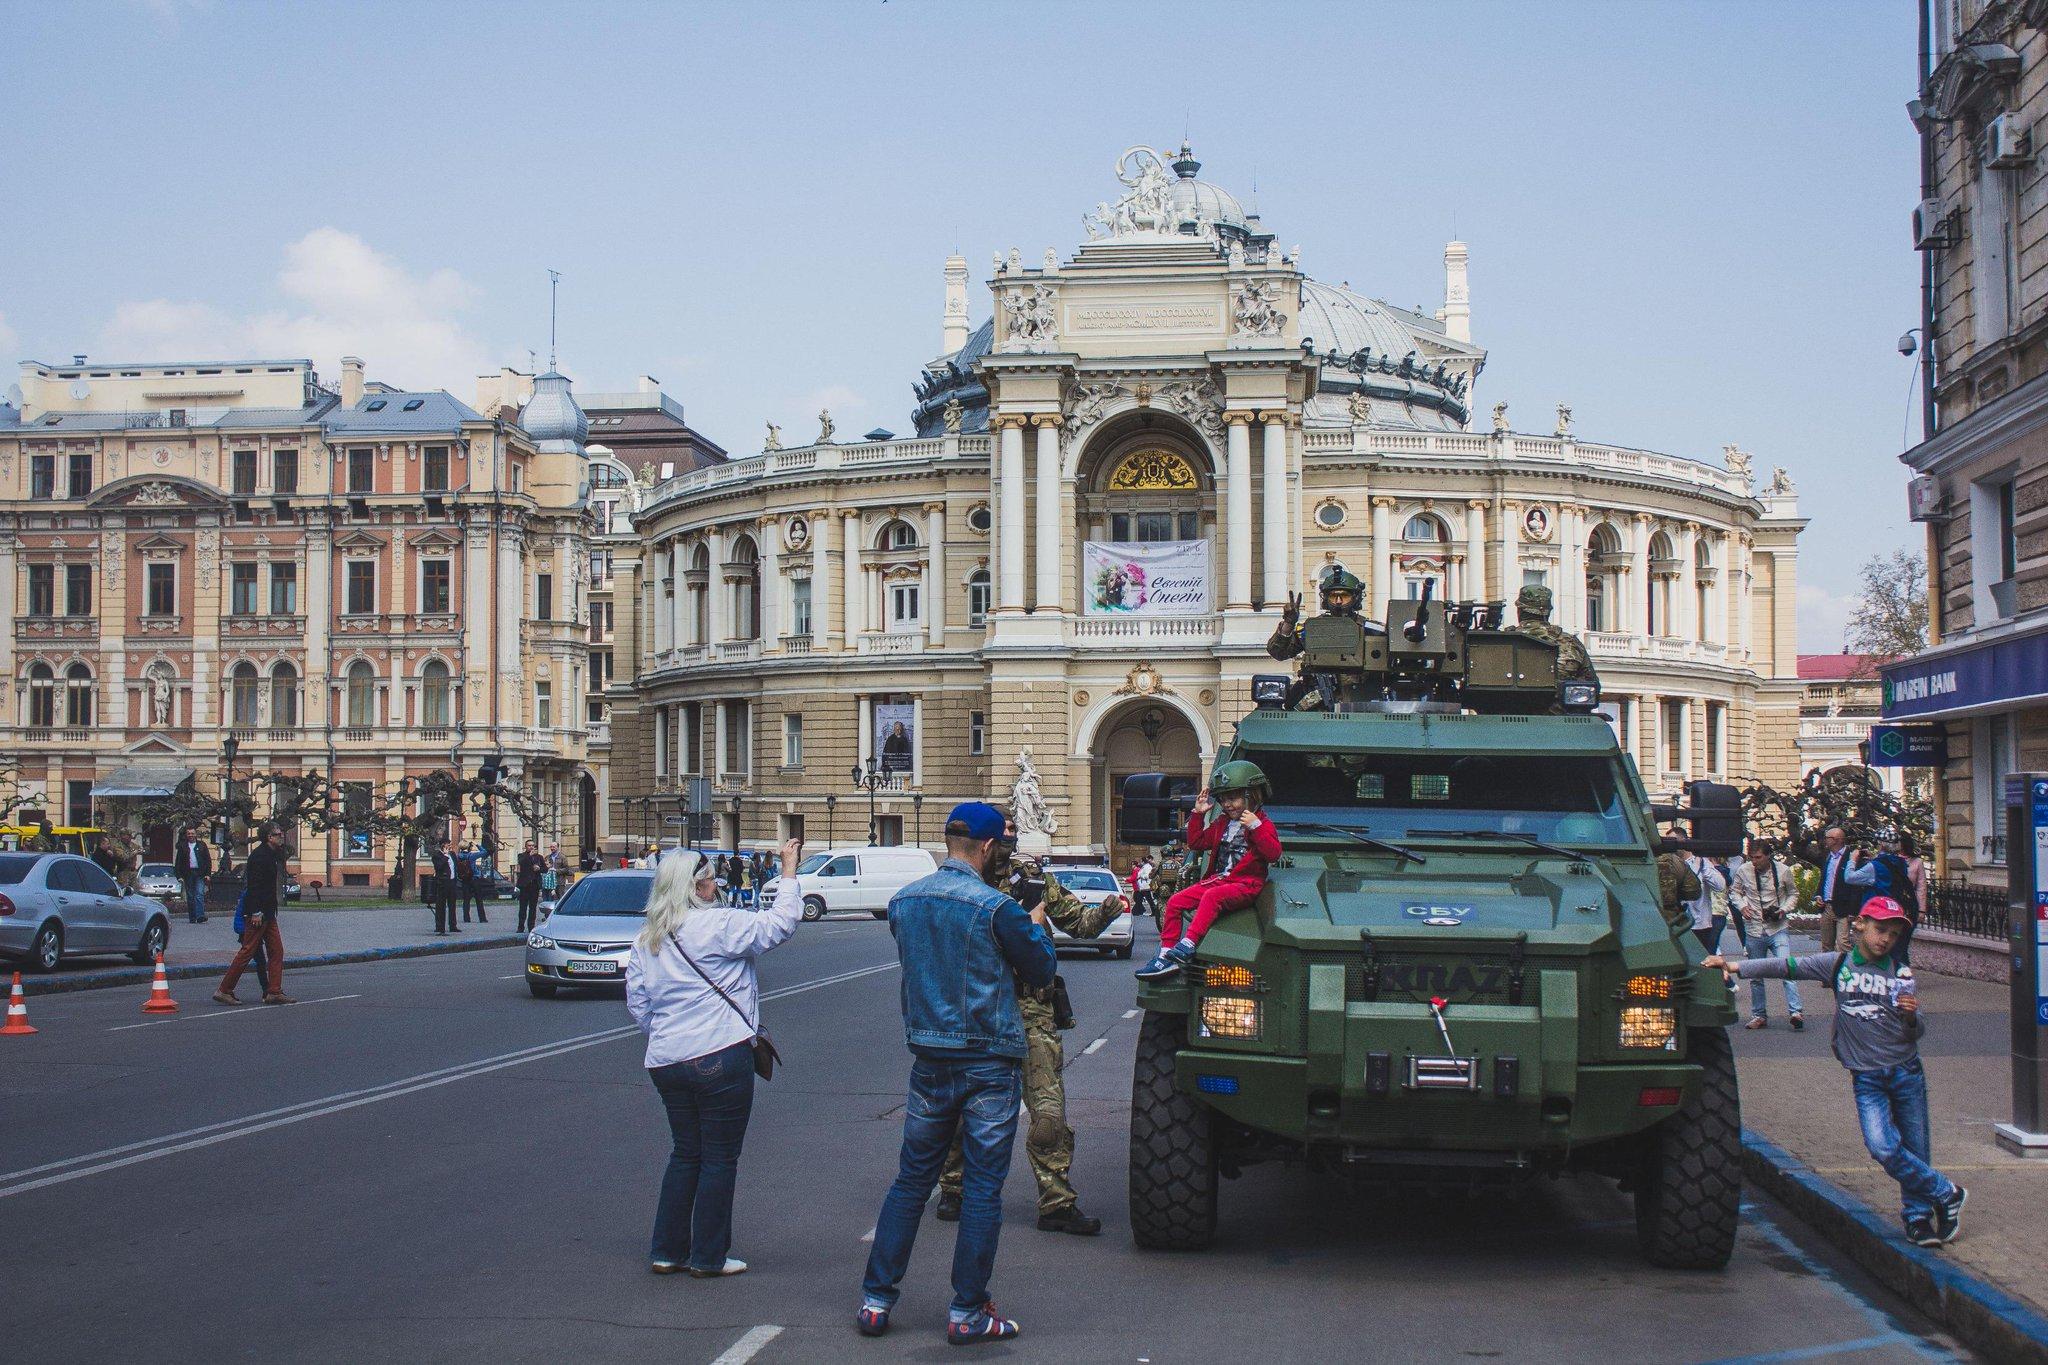 СБУ задержала на горячем террориста Кота, который пытался взорвать оборонные сооружения Харькова - Цензор.НЕТ 7045